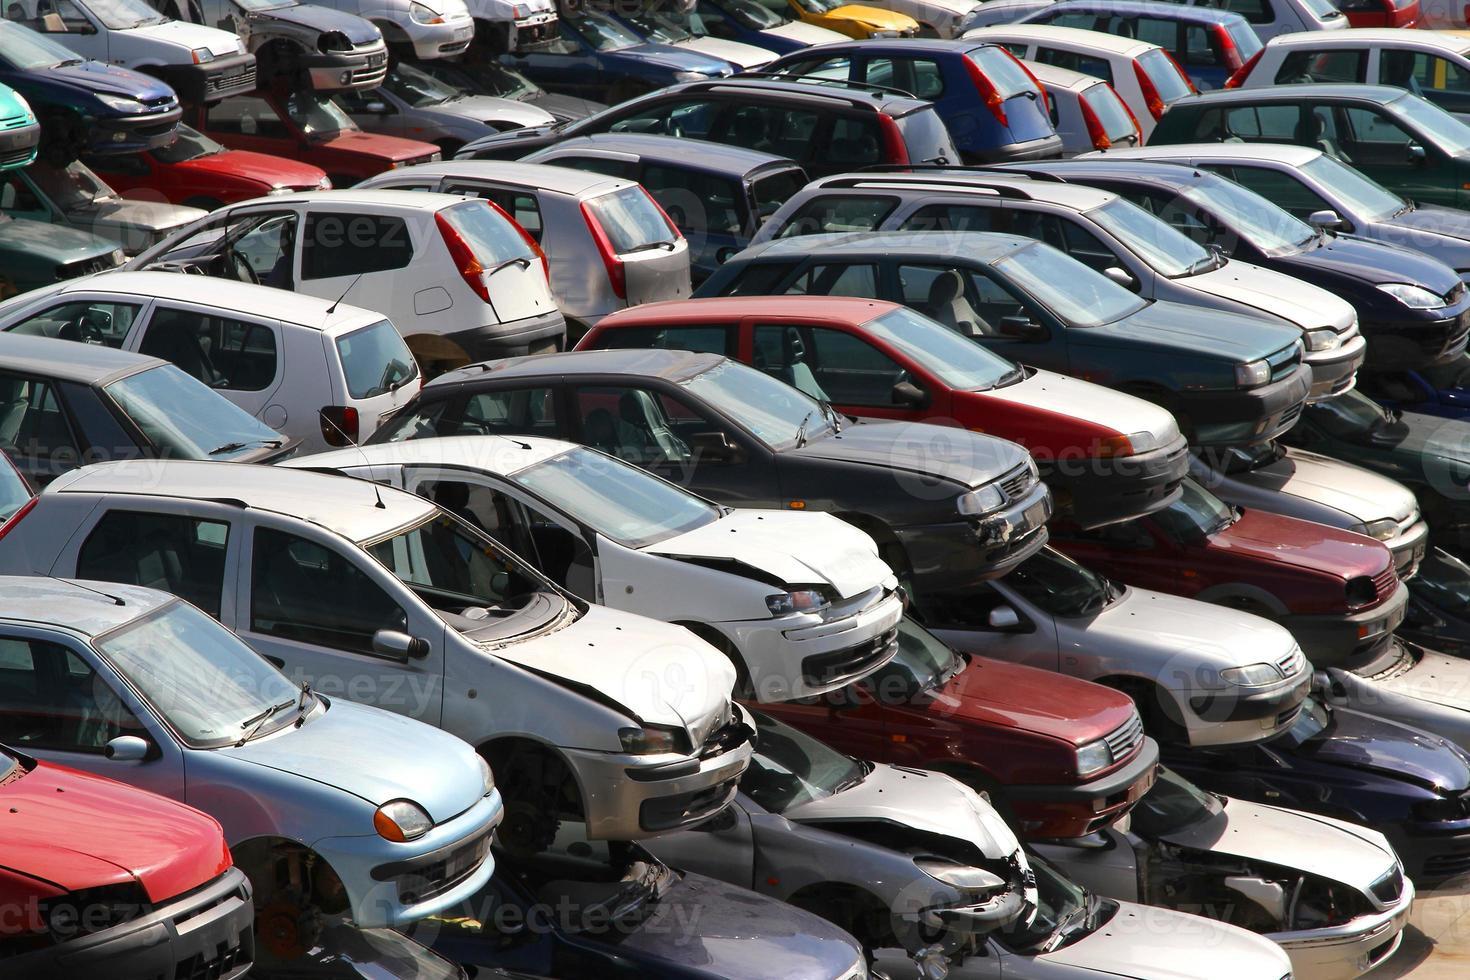 carros destruídos na oficina de demolição de carros foto